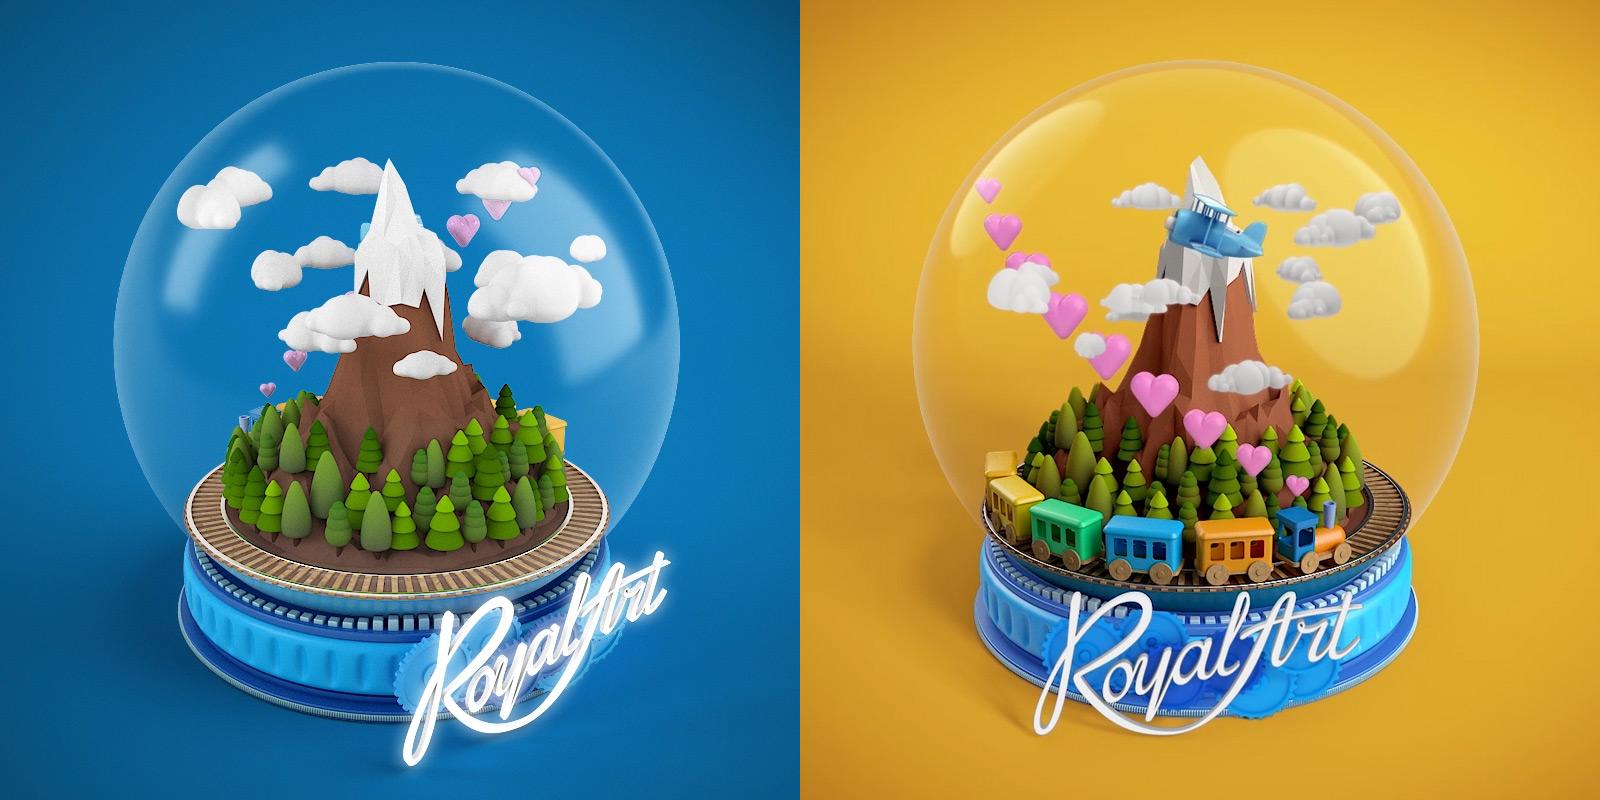 Чарівна куля 3D рендер. Новорічна листівка Royal Art (Роял Арт) з анімацією.